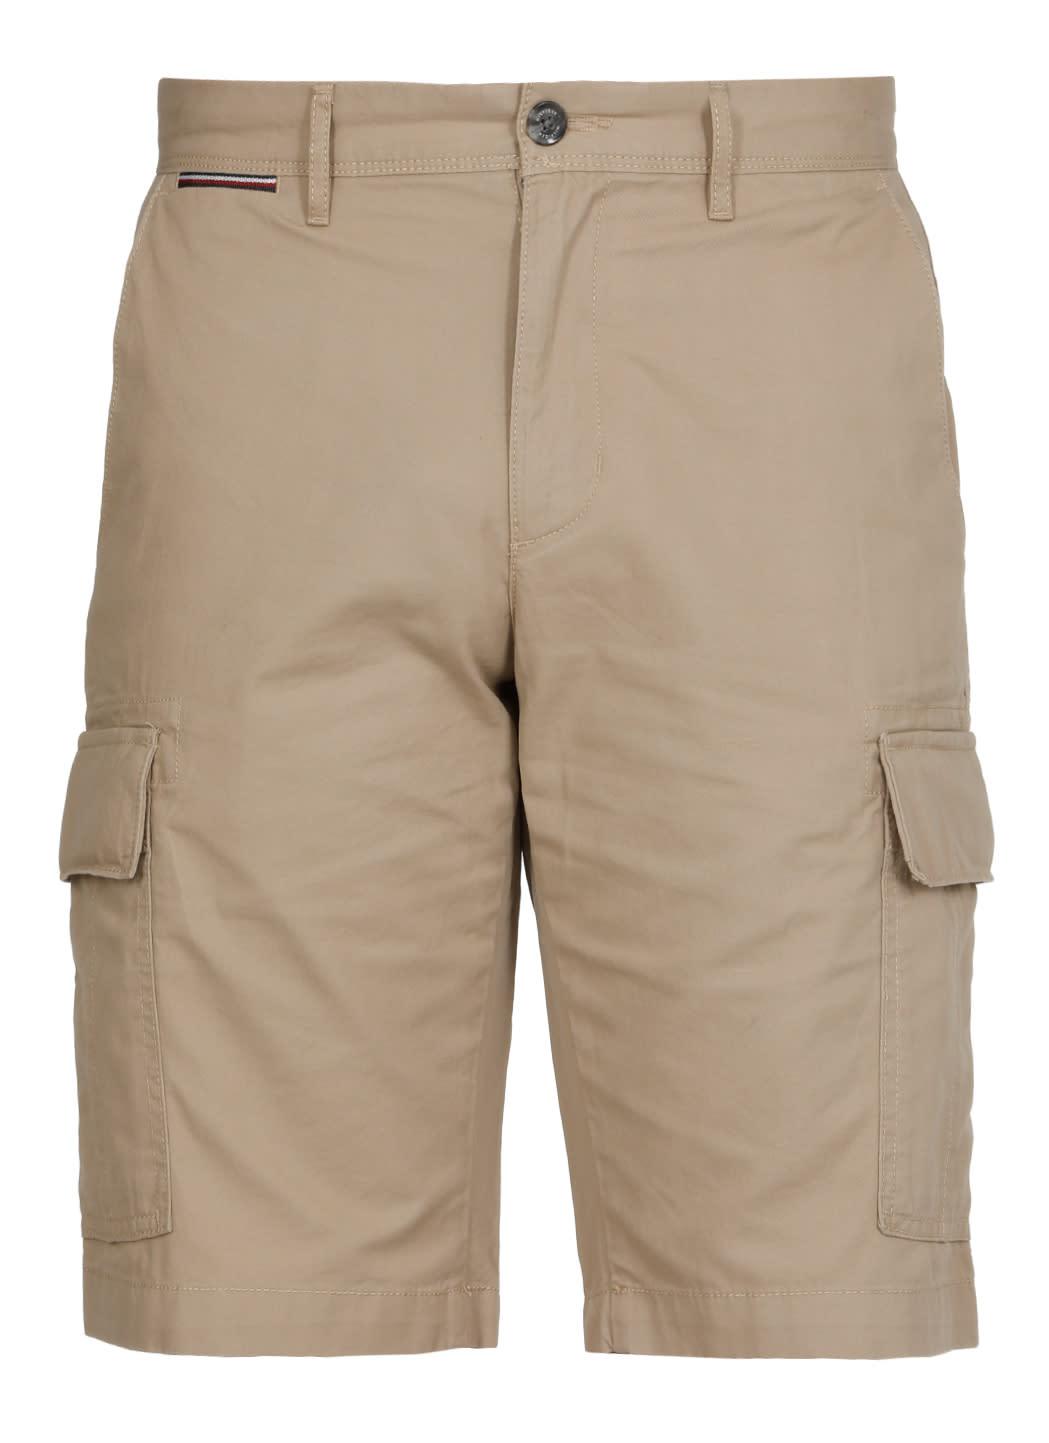 Tommy Hilfiger Cotton Shorts In Beige